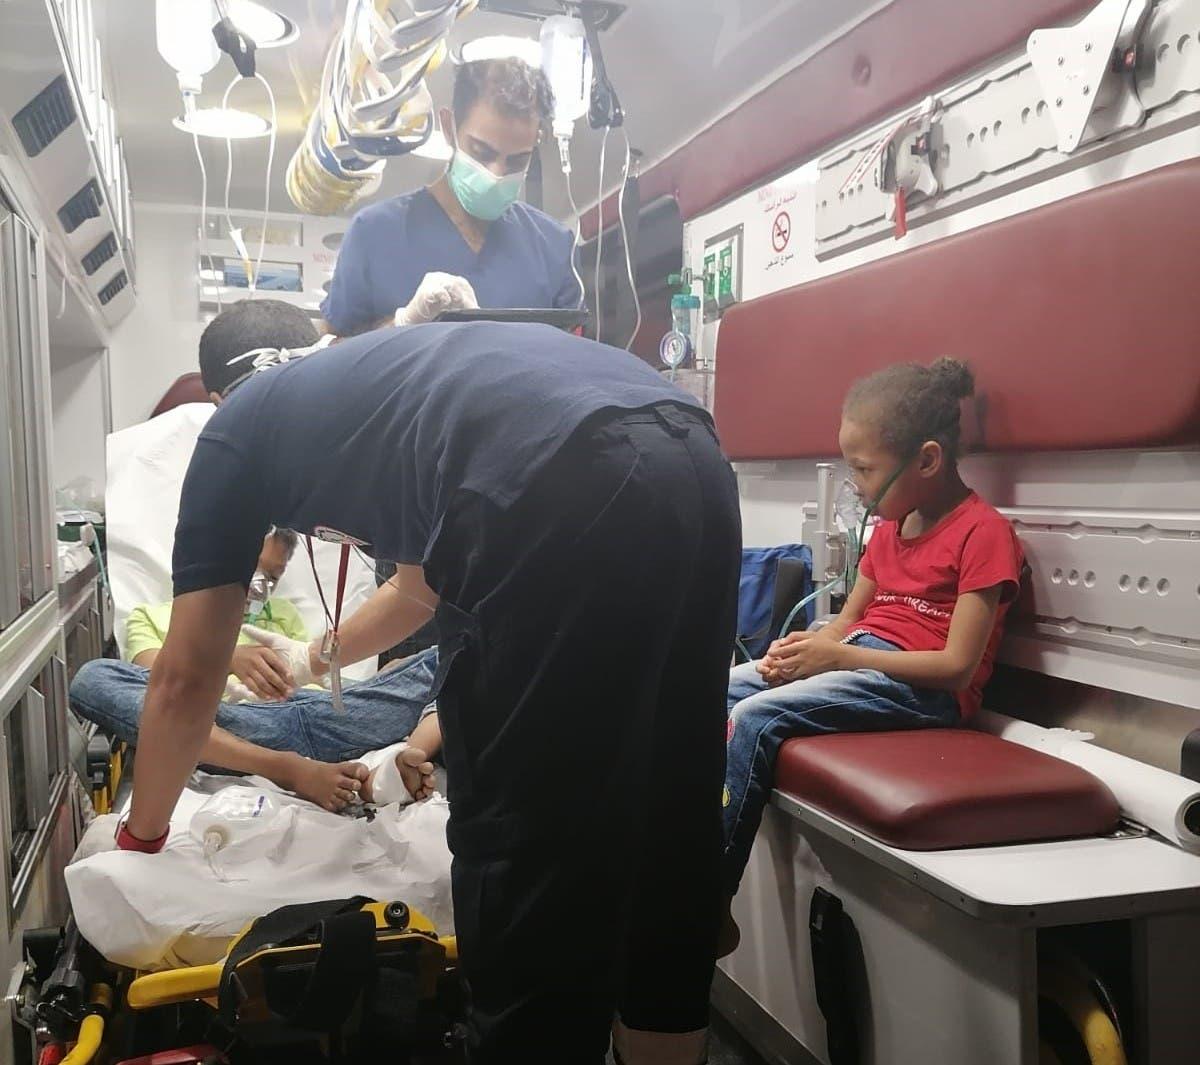 خلال اسعاف الطفلين بعد الحادثة